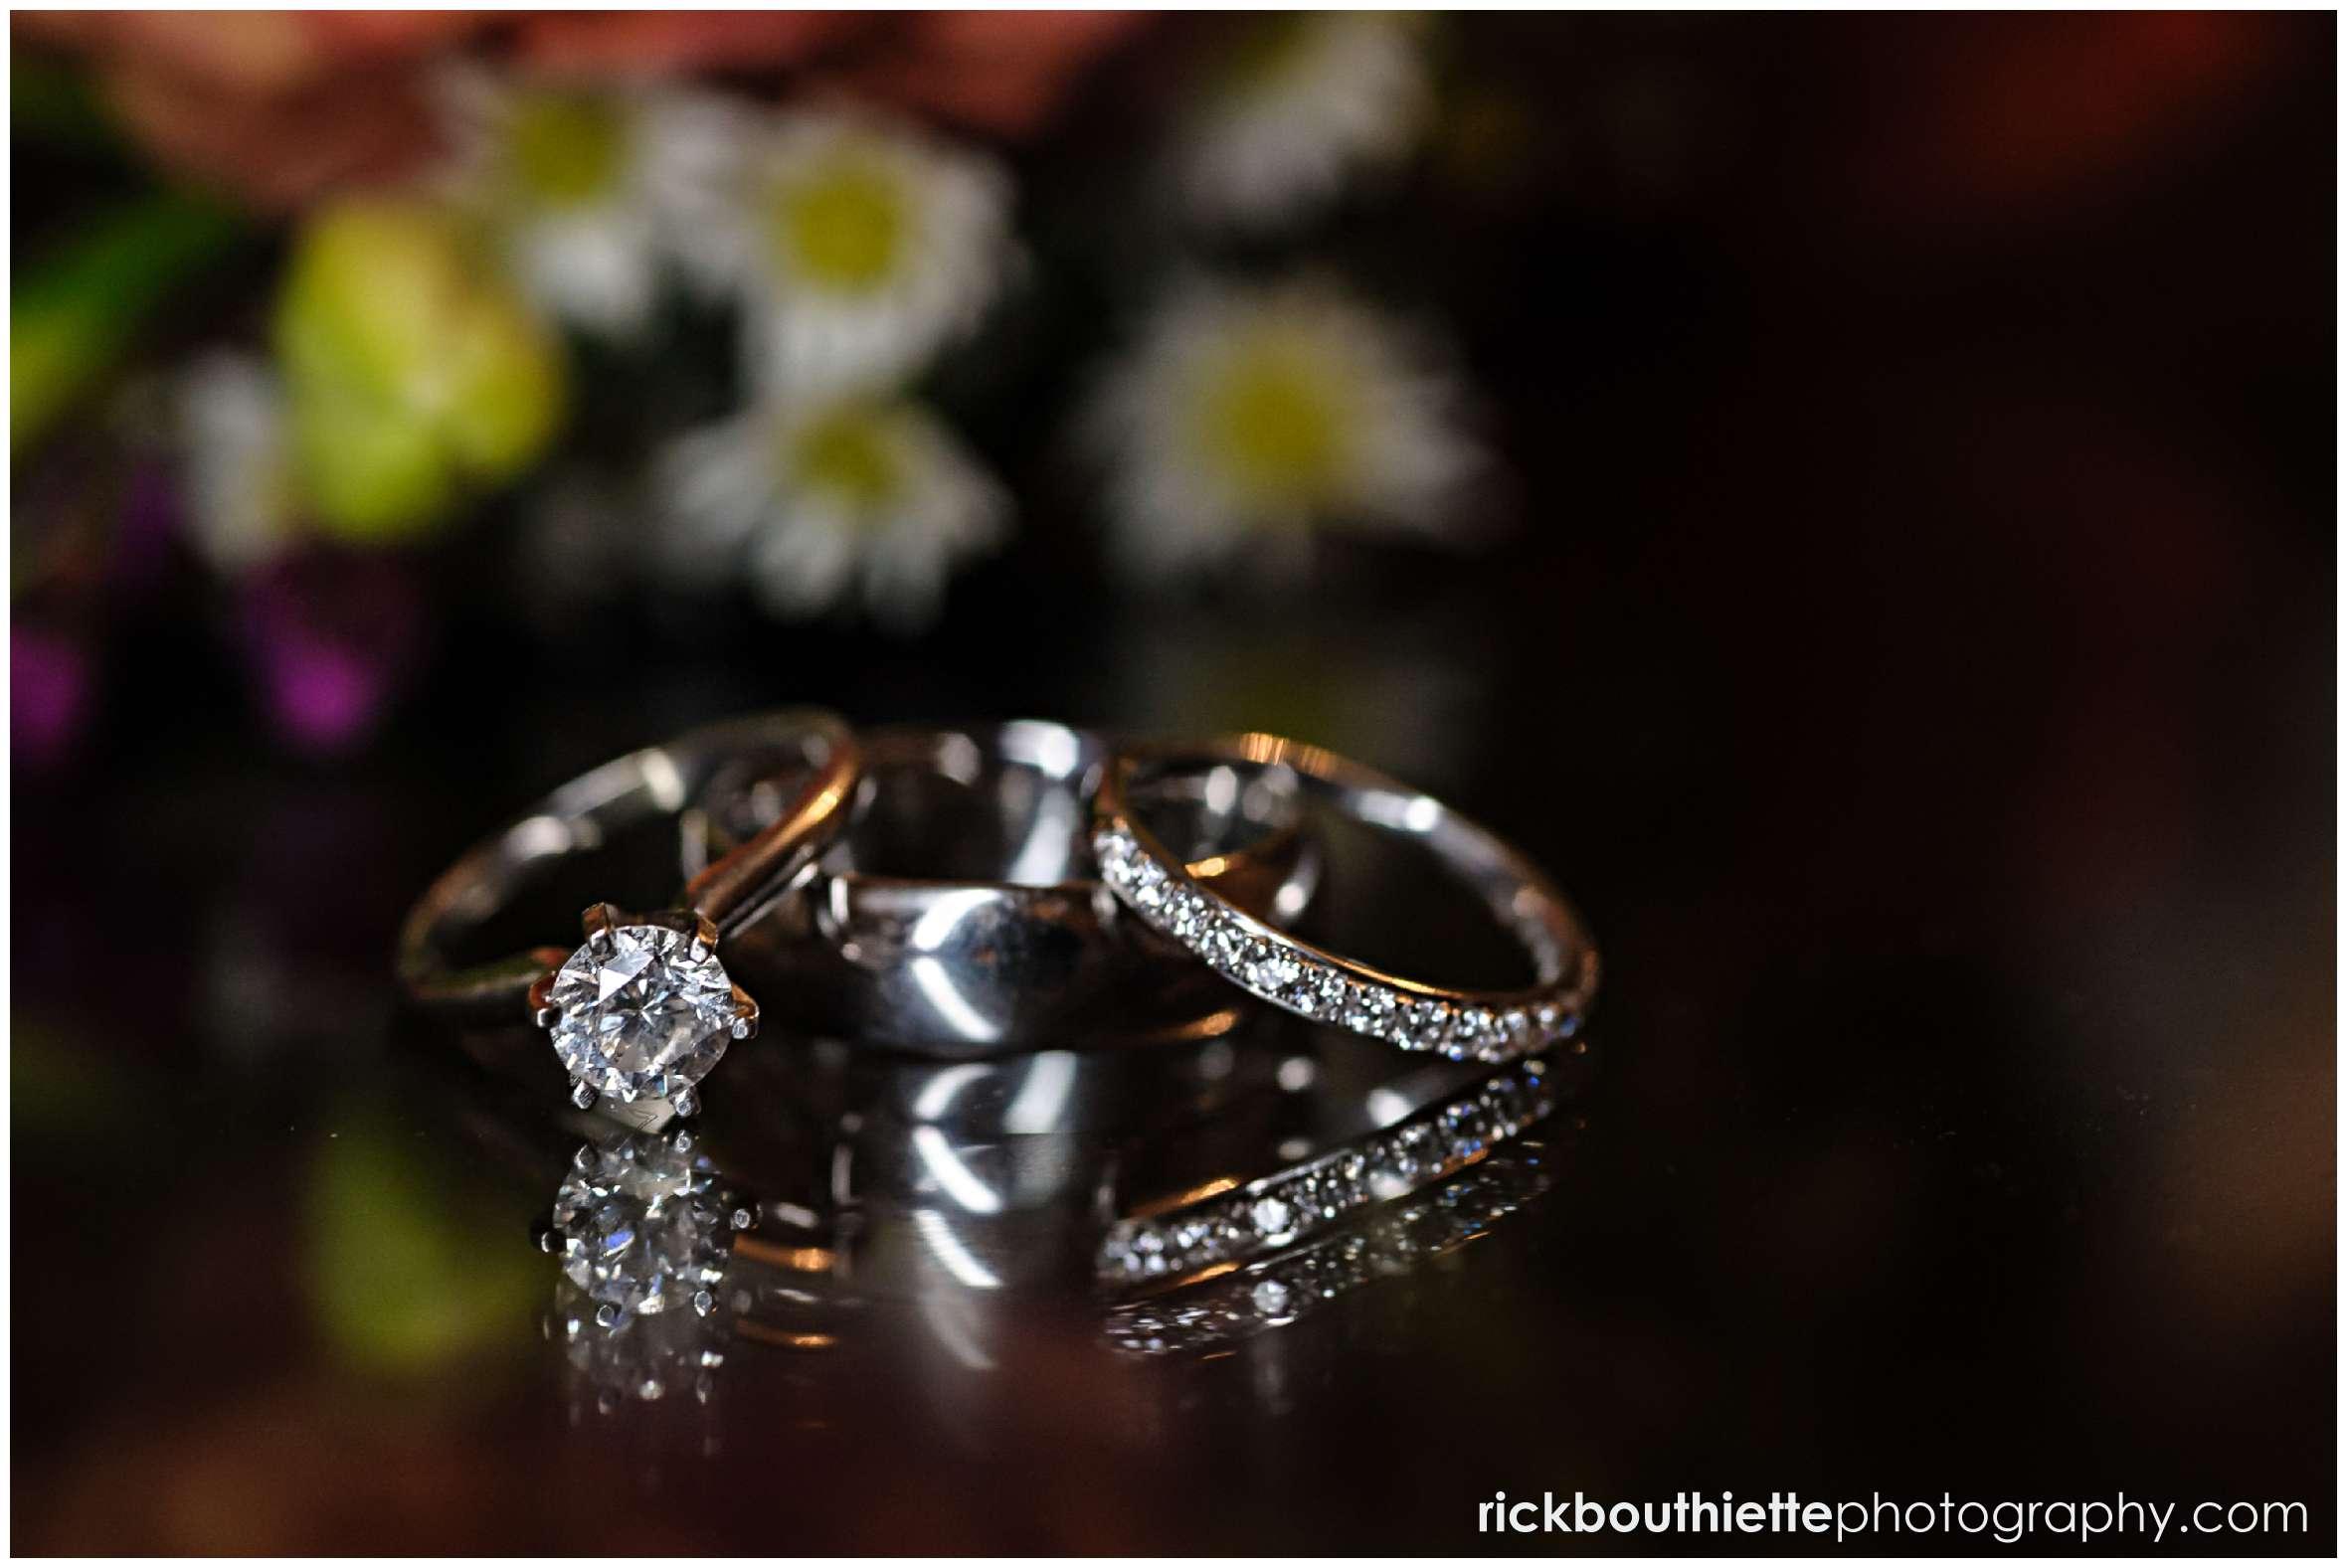 wedding rings close up at New Hampshire seacoast wedding